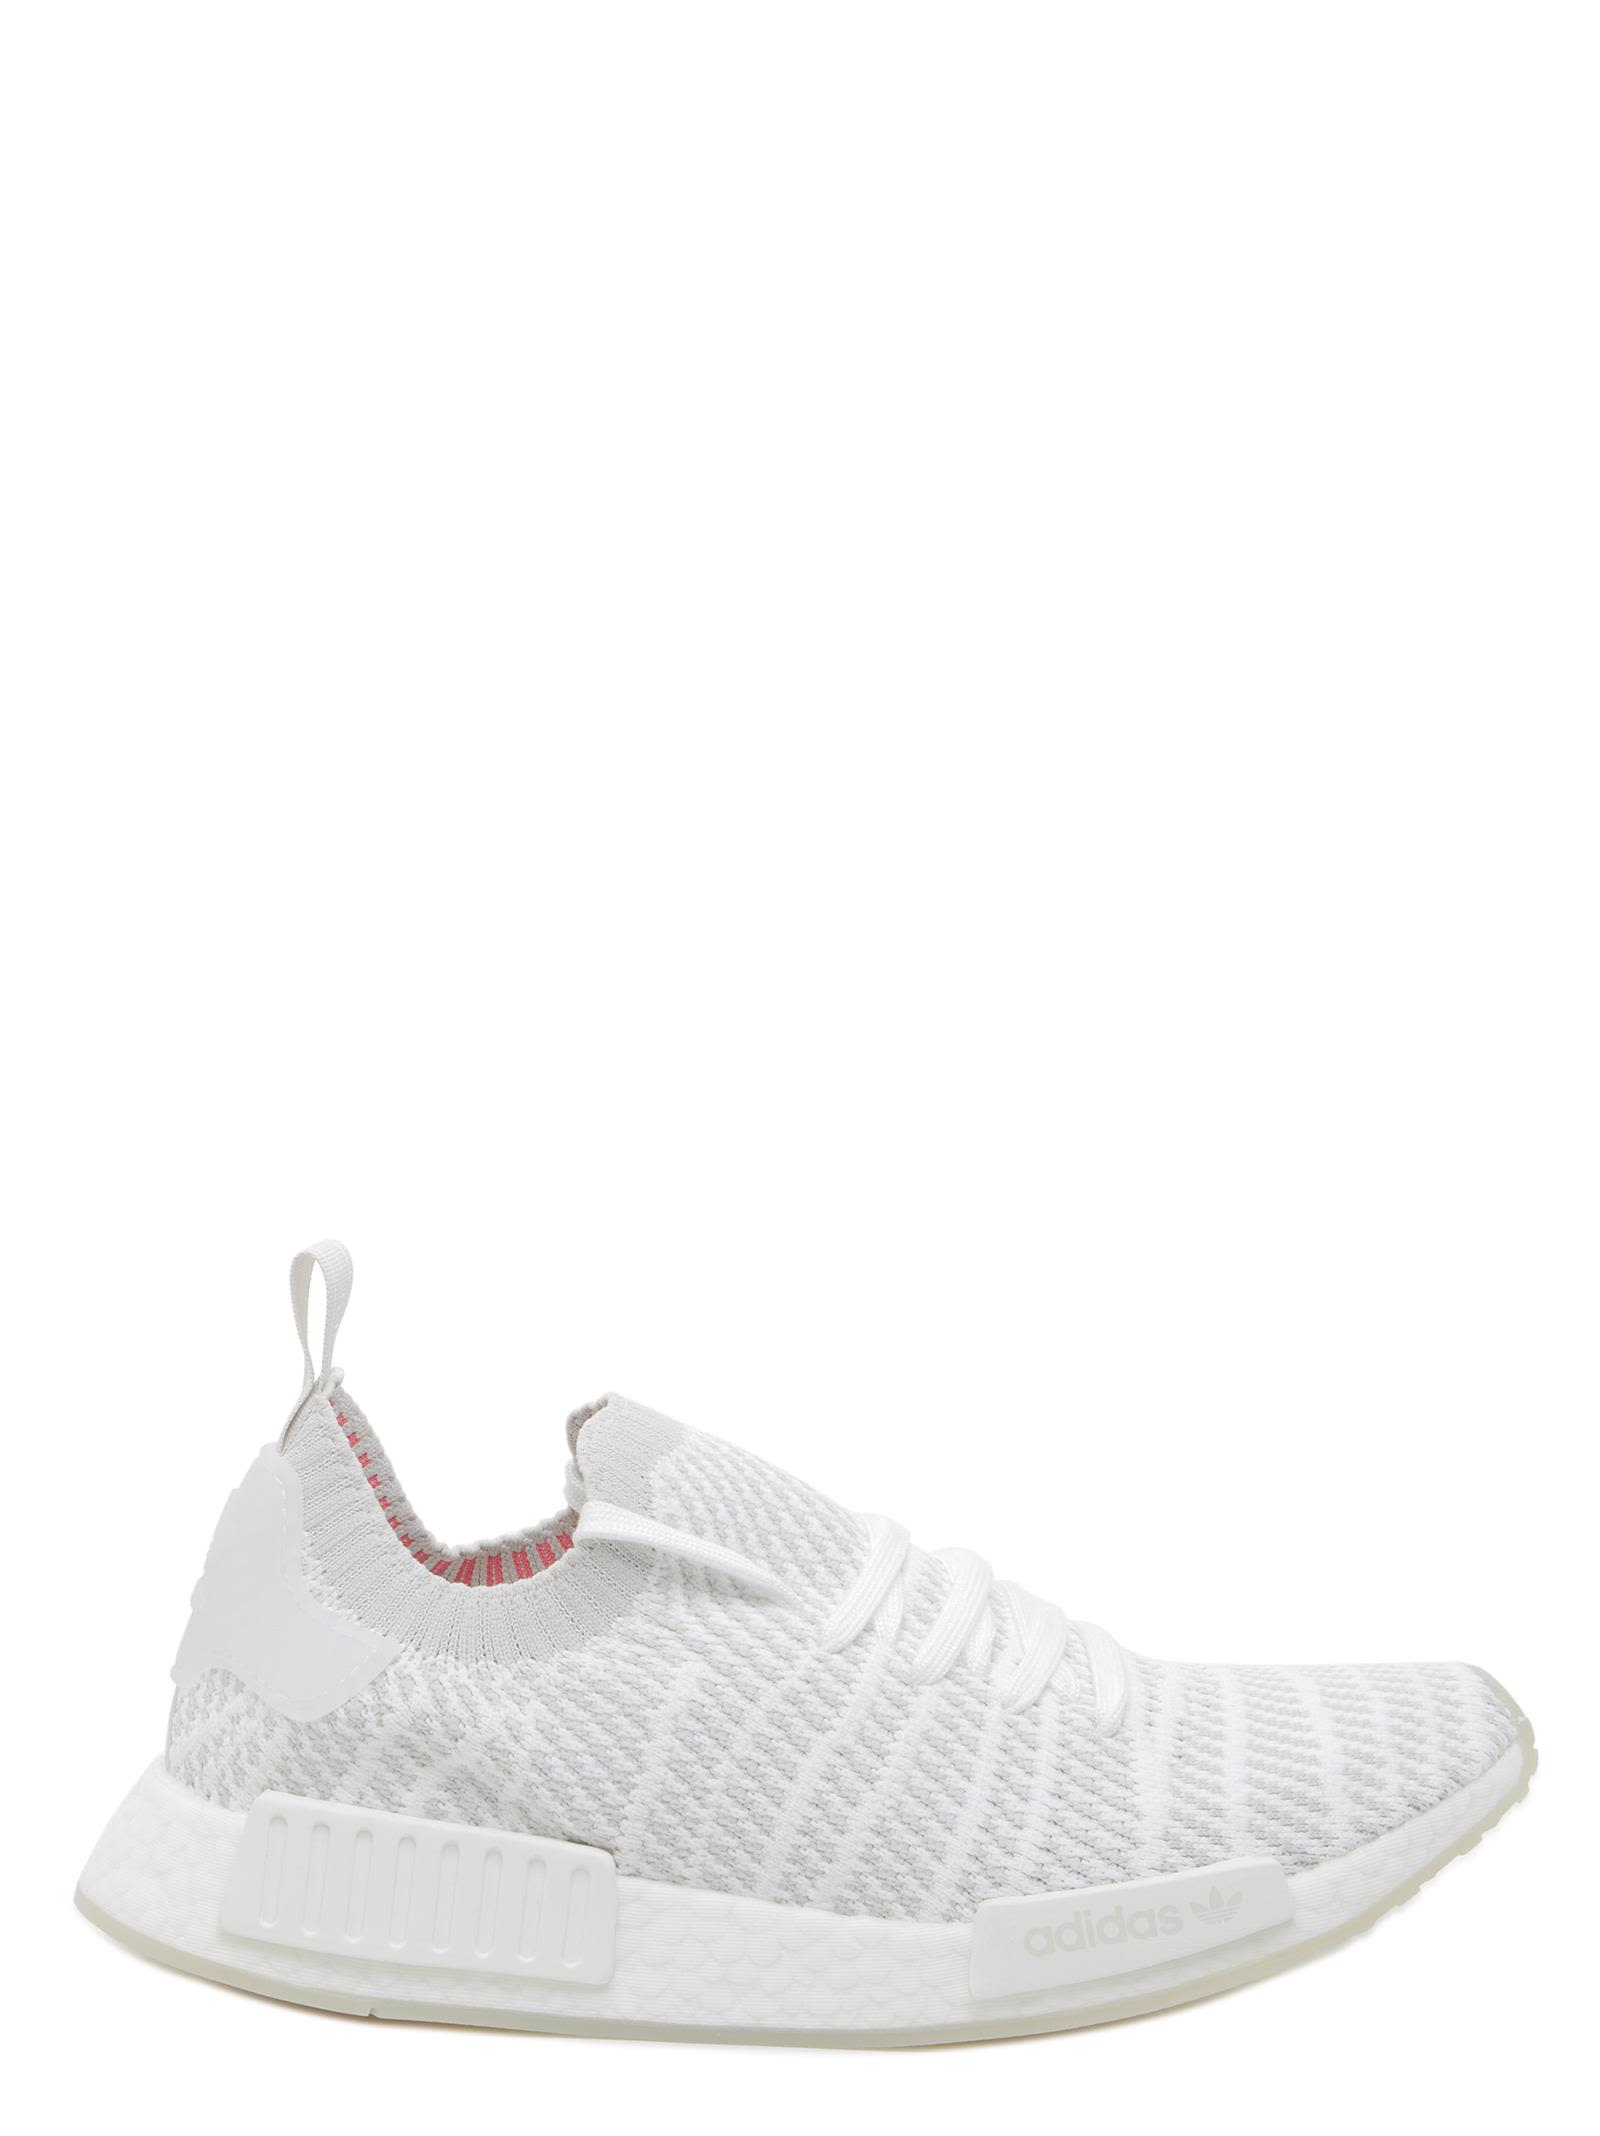 Adidas Originals 'nmd R1 Stlt Pk' Shoes